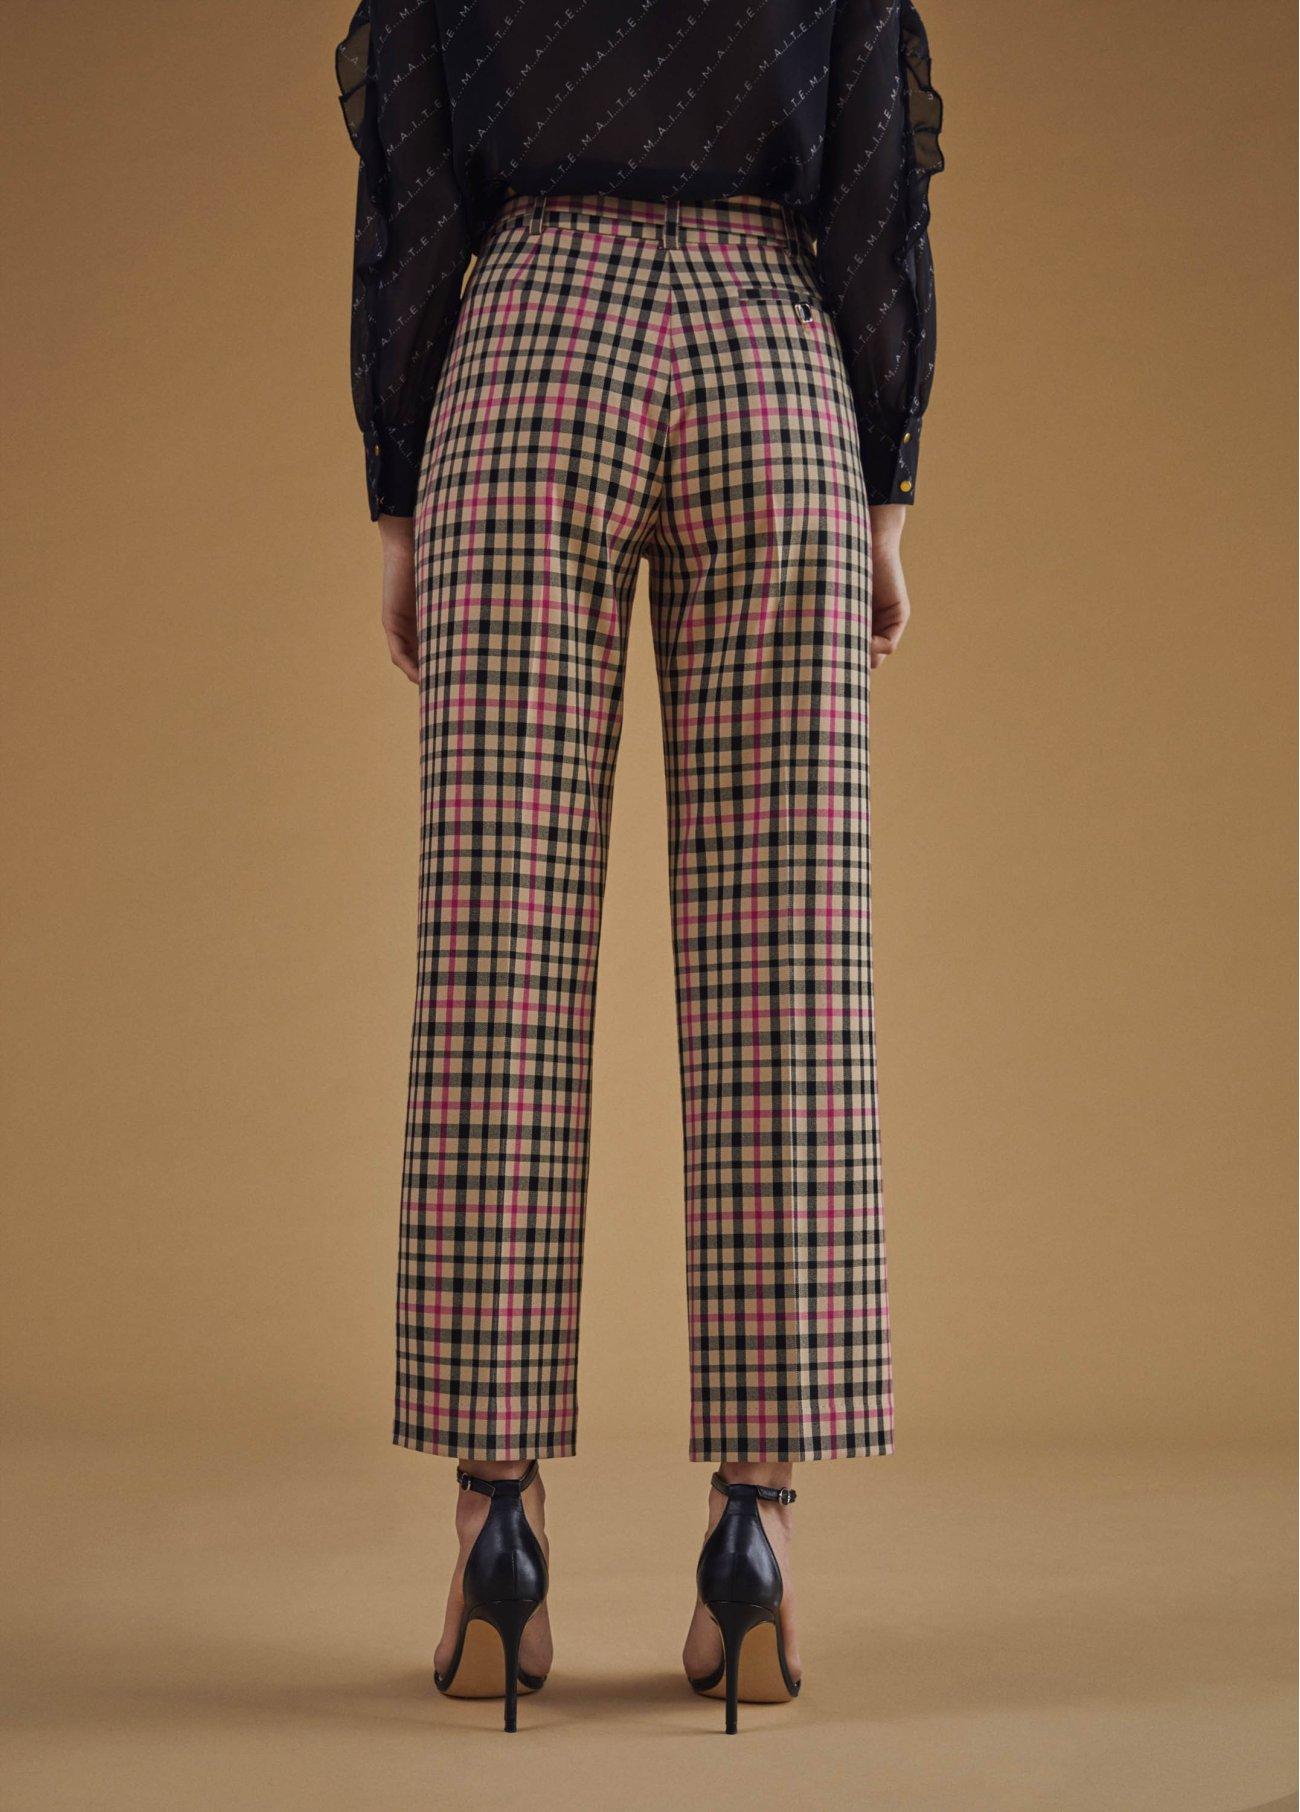 Pantalón capri de cuadros, fucsia 2